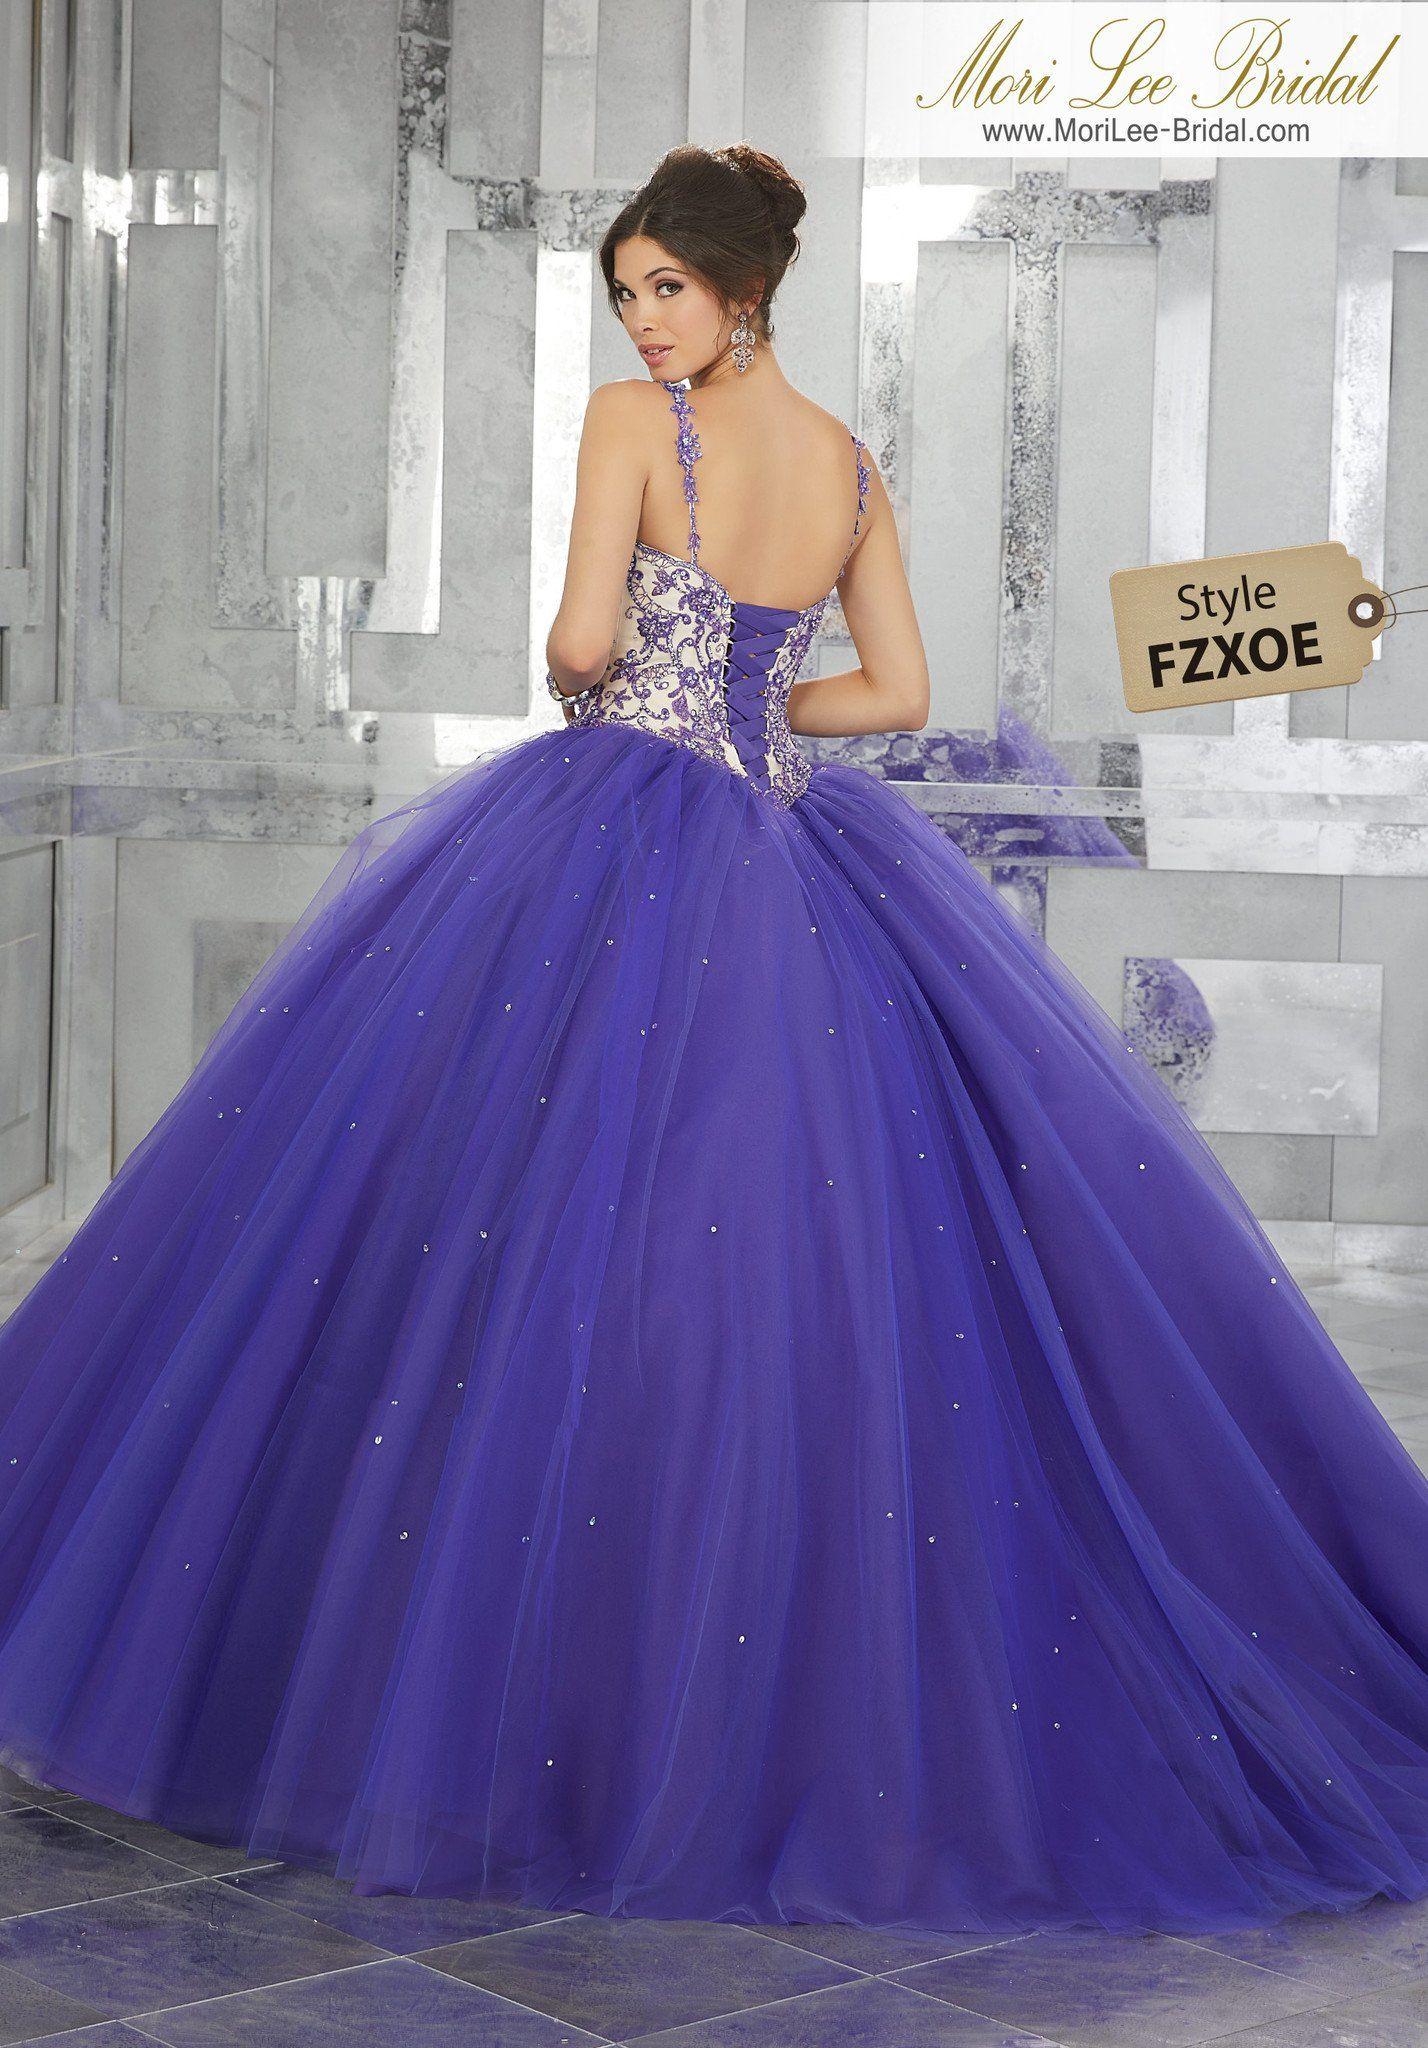 Fzxoe   Pinterest   Vestidos bonitos, Bonitas y Vestiditos